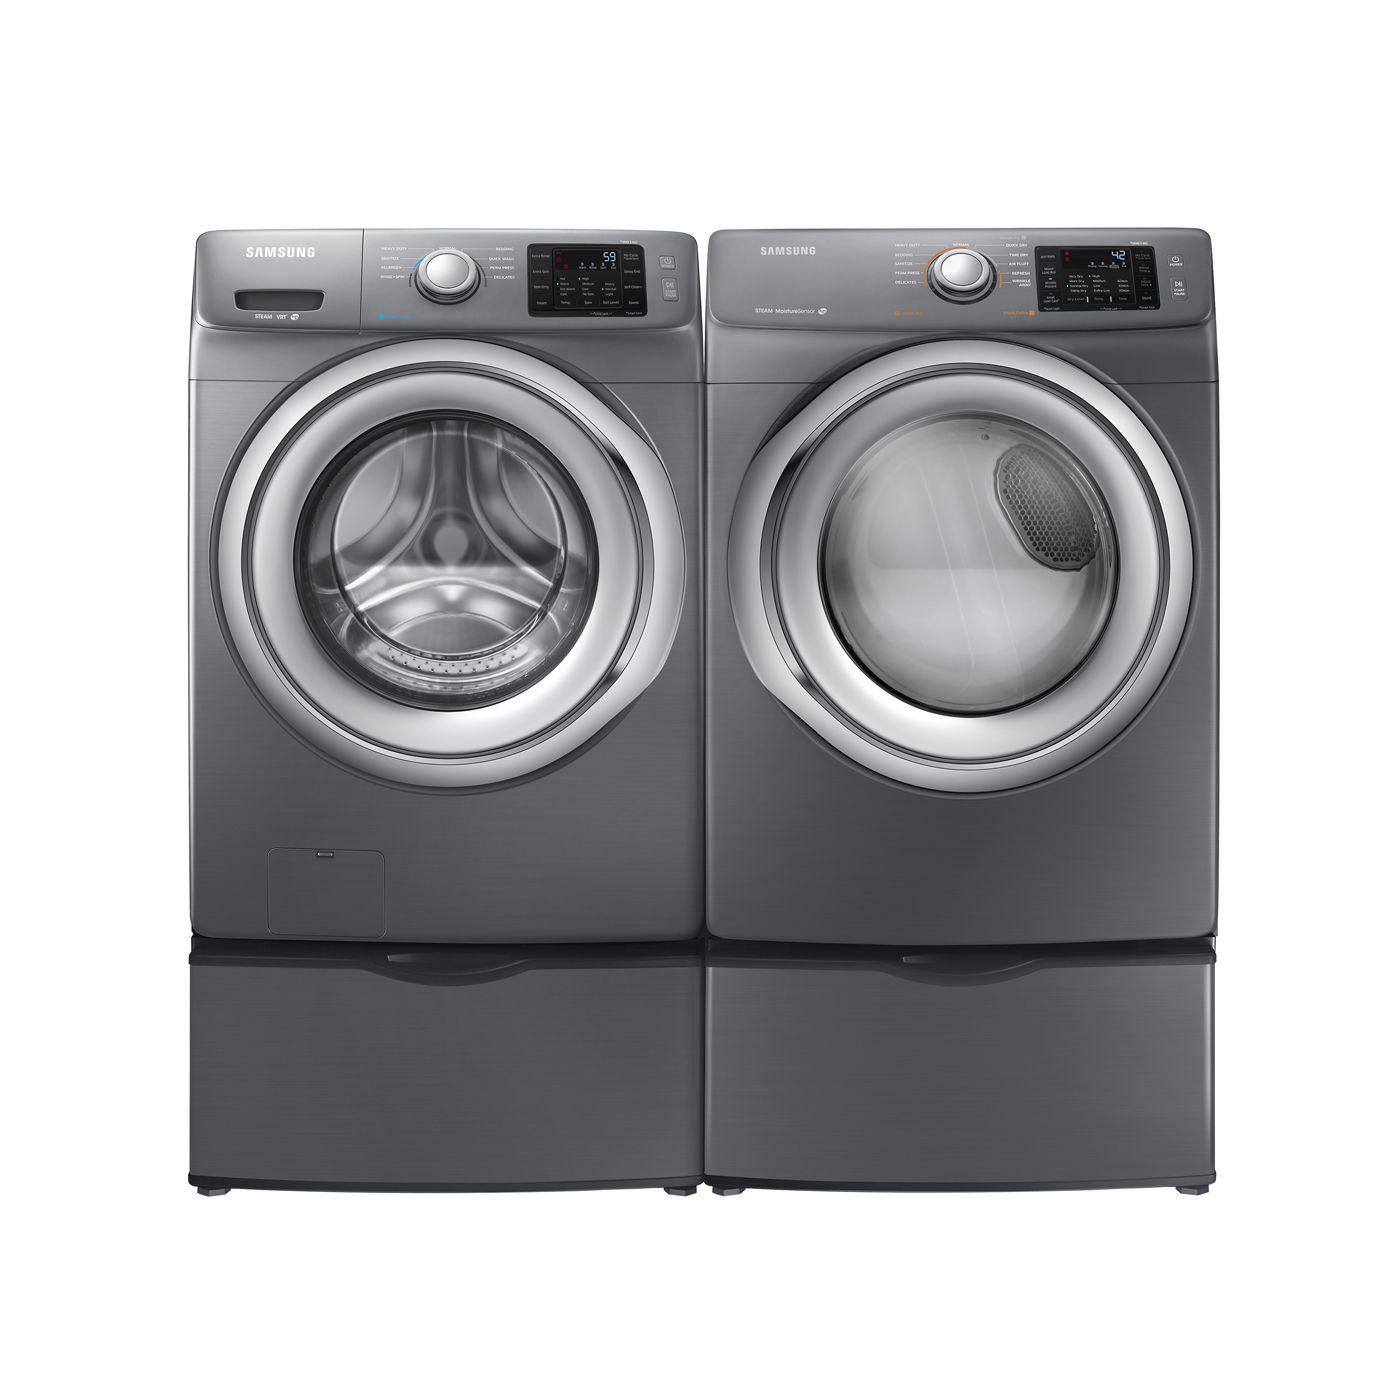 my beloved samsung steam washer and dryer in platinum love love love them